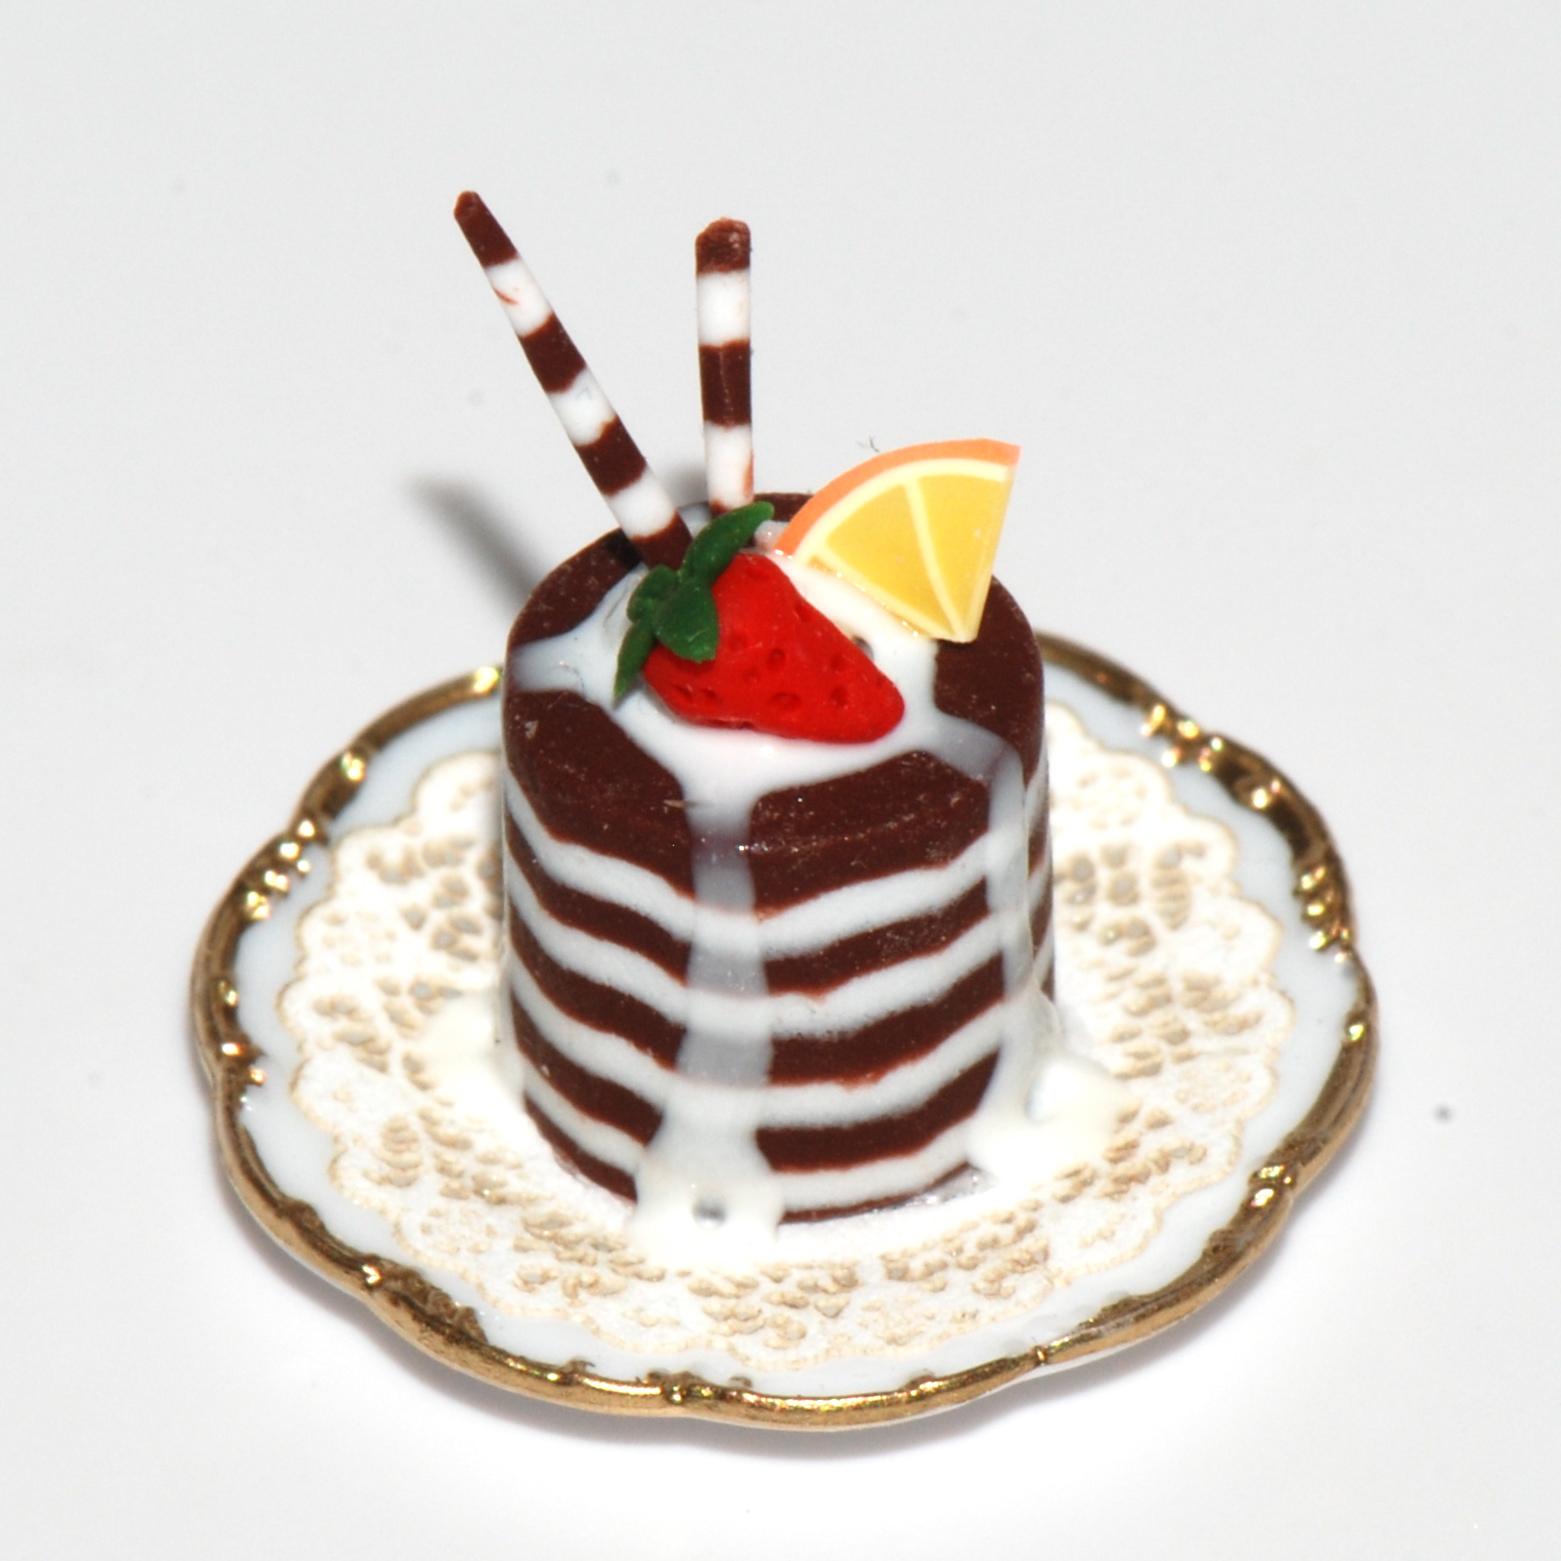 Decadent Chocolate Pastry W Strawberry Stewart Dollhouse